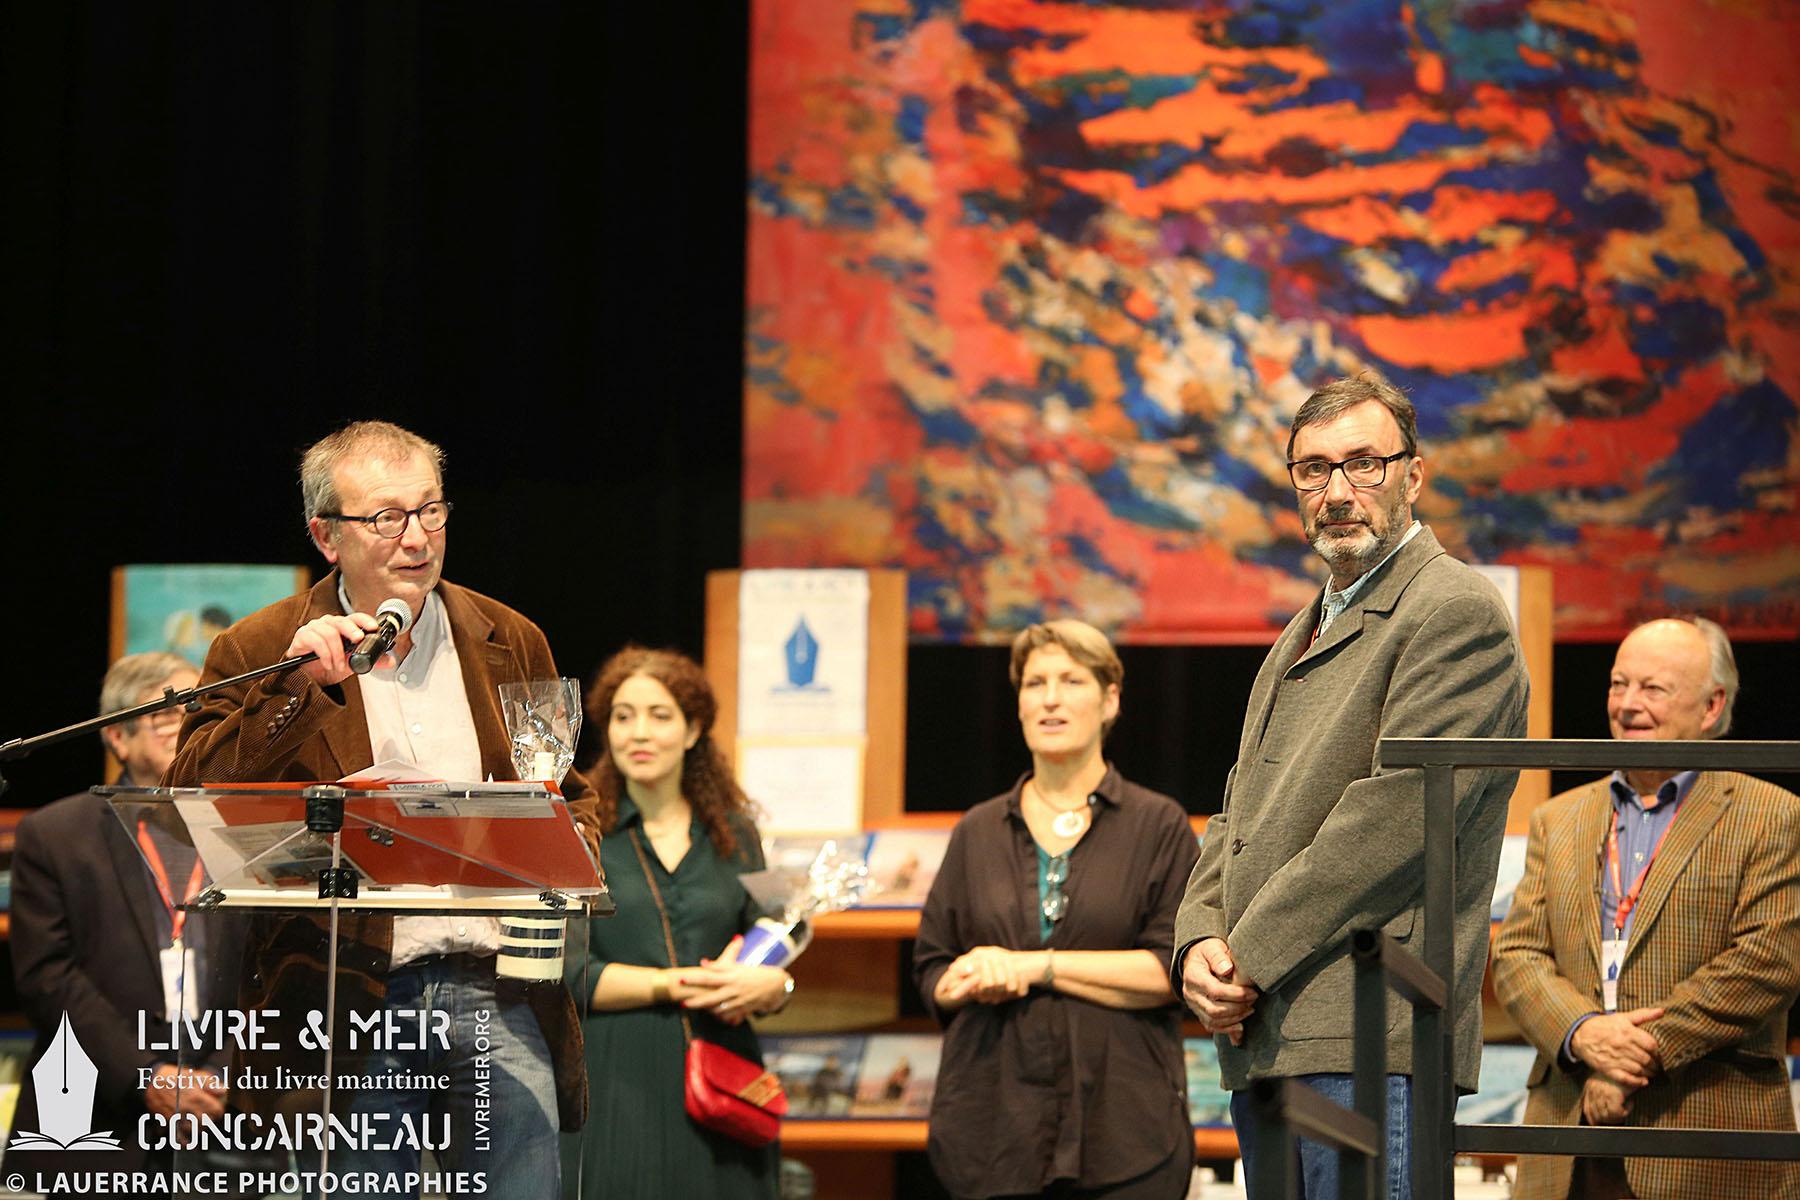 Pierre-François Bonneau & Benoît Stichelbaut, Mention spéciale du Prix du beau livre maritime 2019 © Lauerrance Photographies